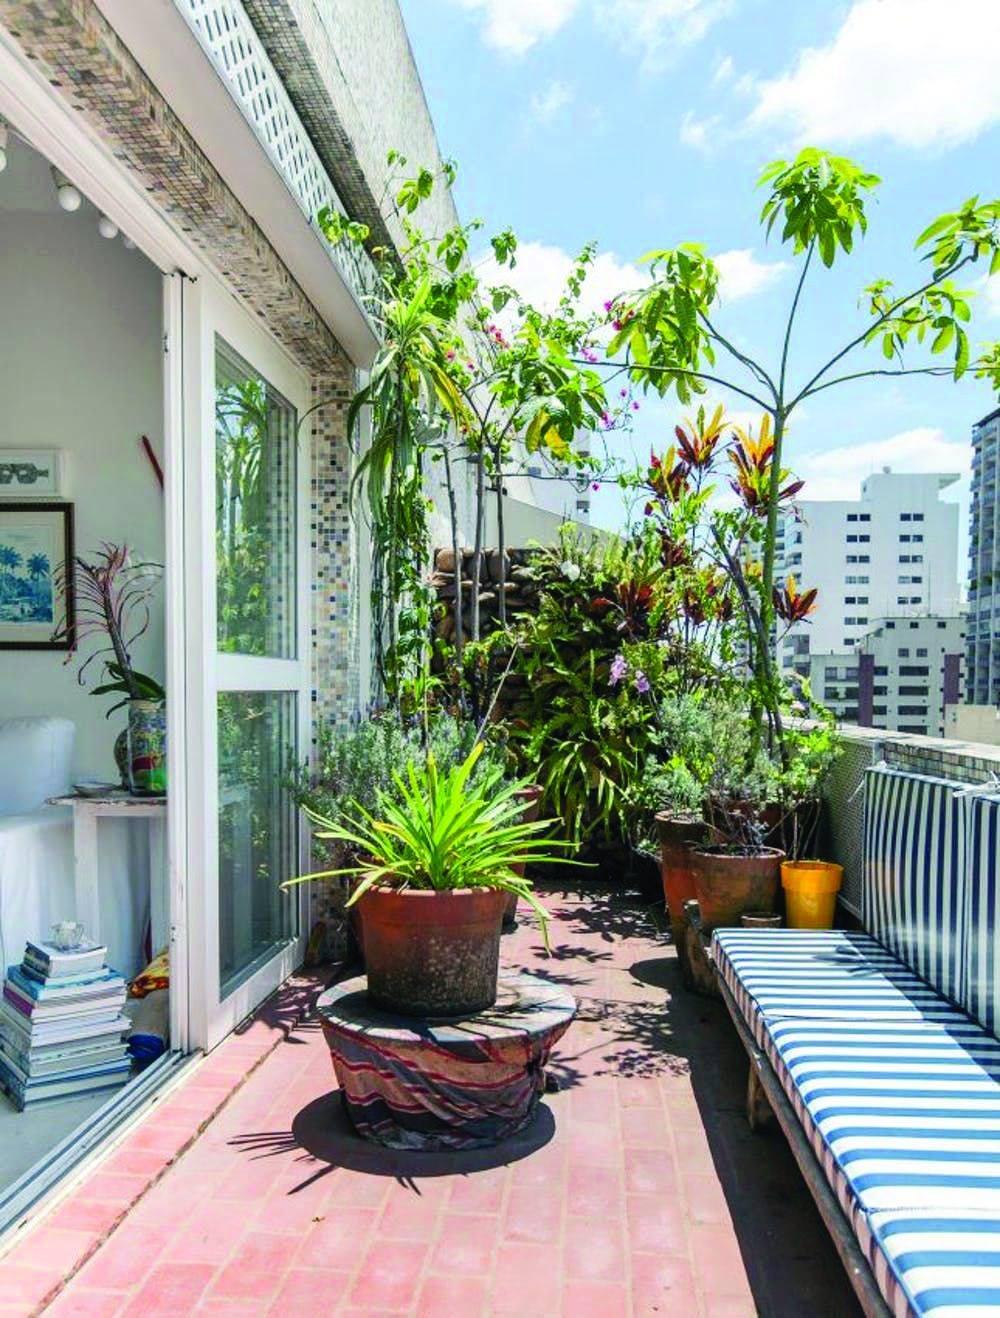 घर के अंदर के वातावरण को शुद्ध और प्रदूषण फ्री रखने के लिए आप इनडोर गार्डनिंग कर सकते हैं।